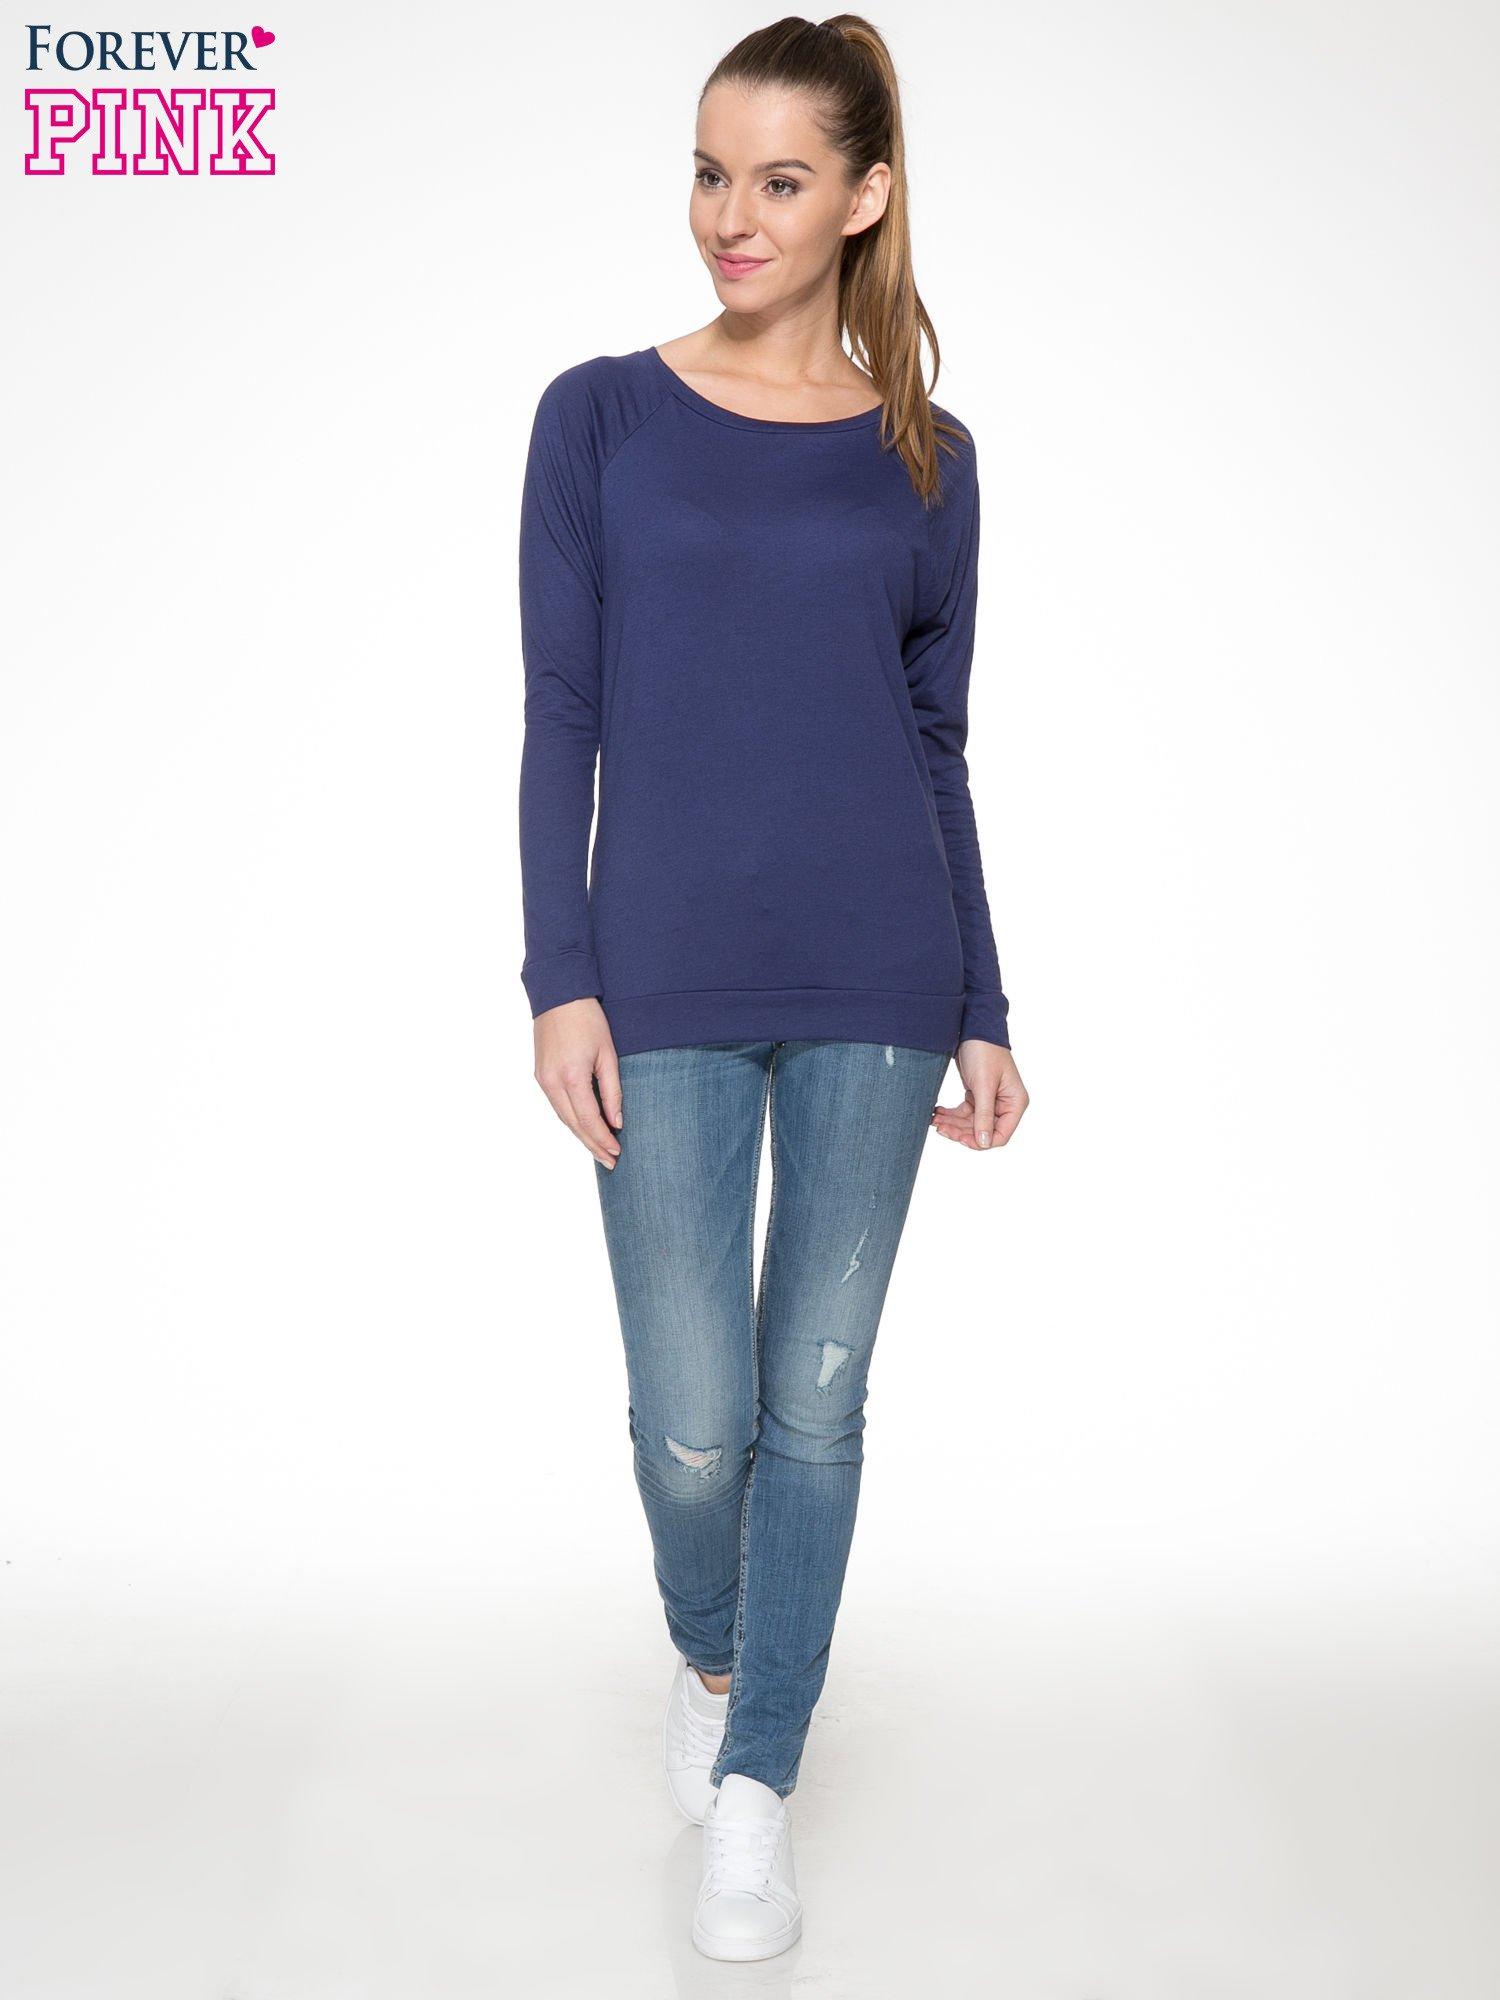 Granatowa bawełniana bluzka z rękawami typu reglan                                  zdj.                                  2